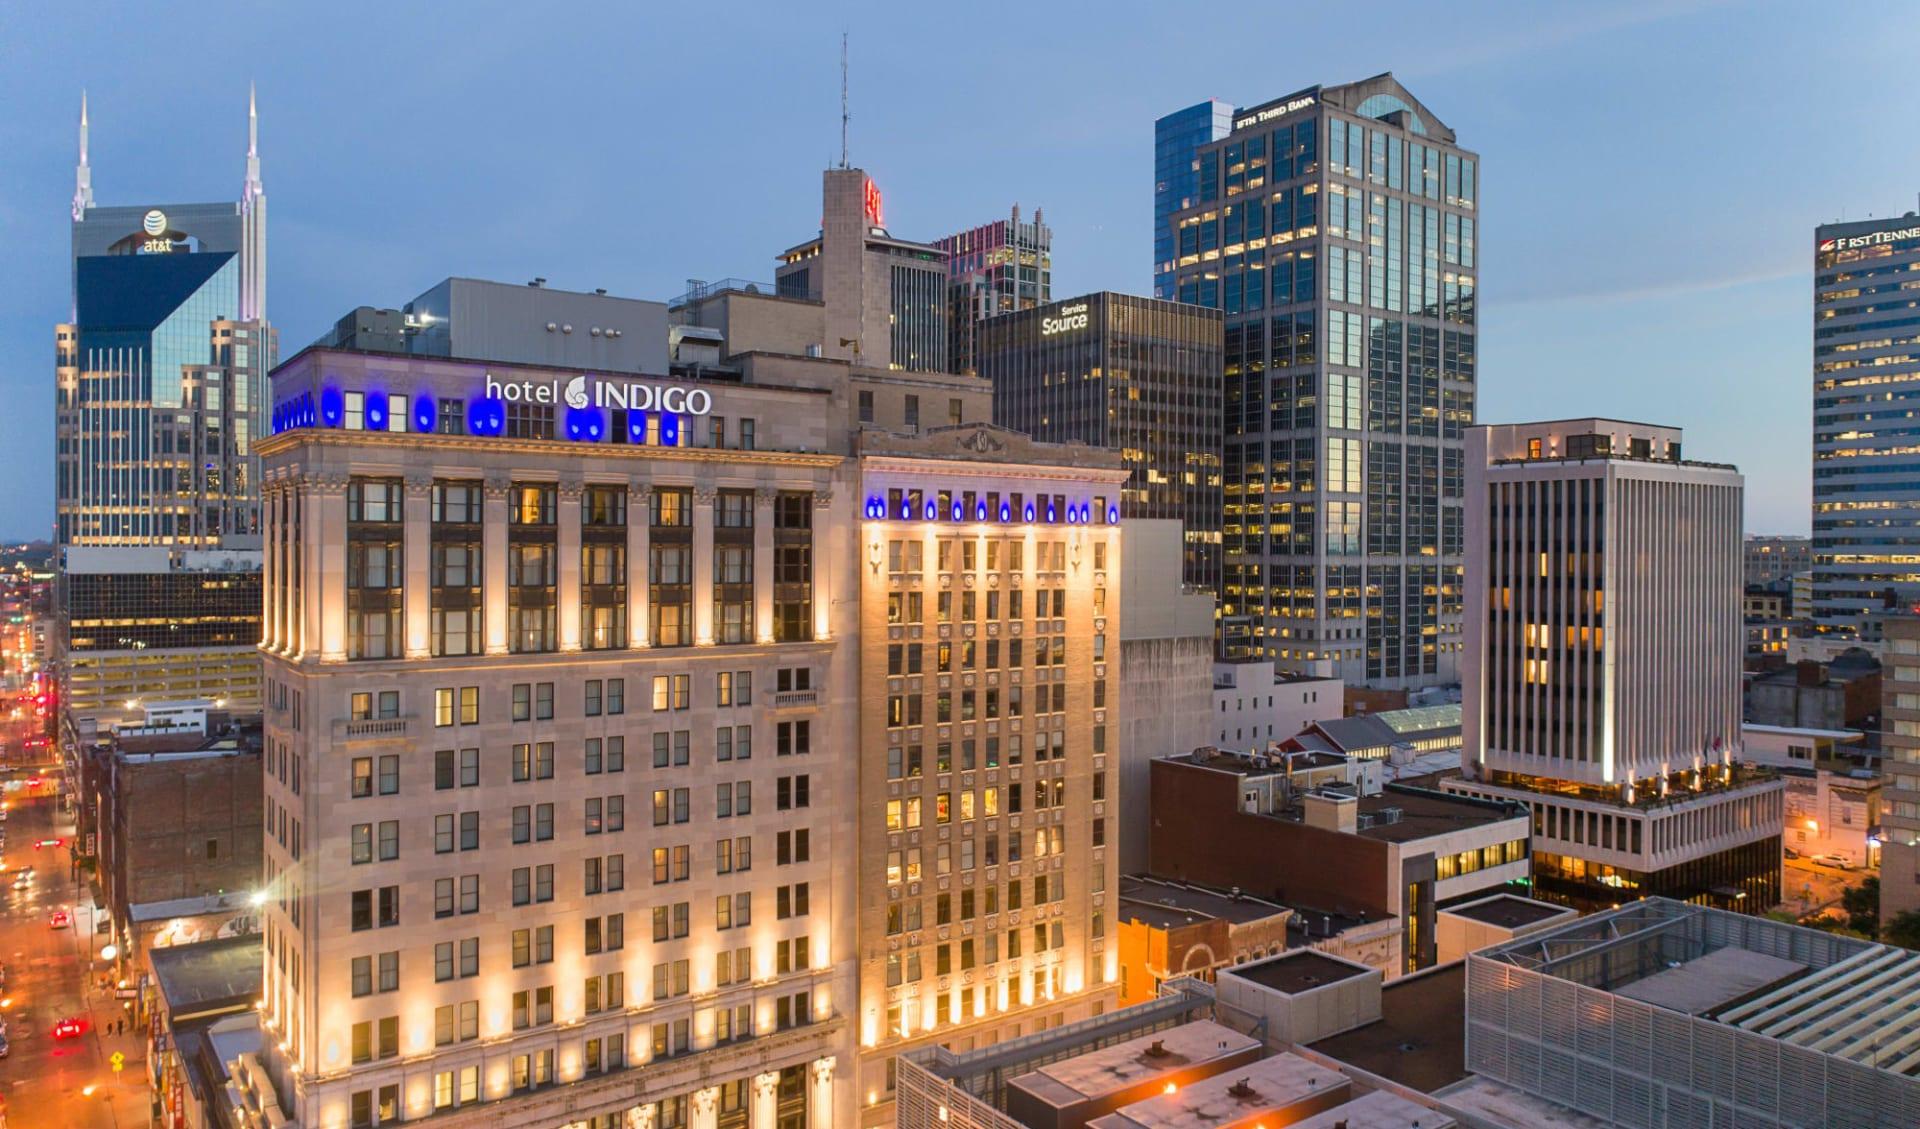 Hotel Indigo in Nashville:  Indigo Nashville - Aussenasicht abends